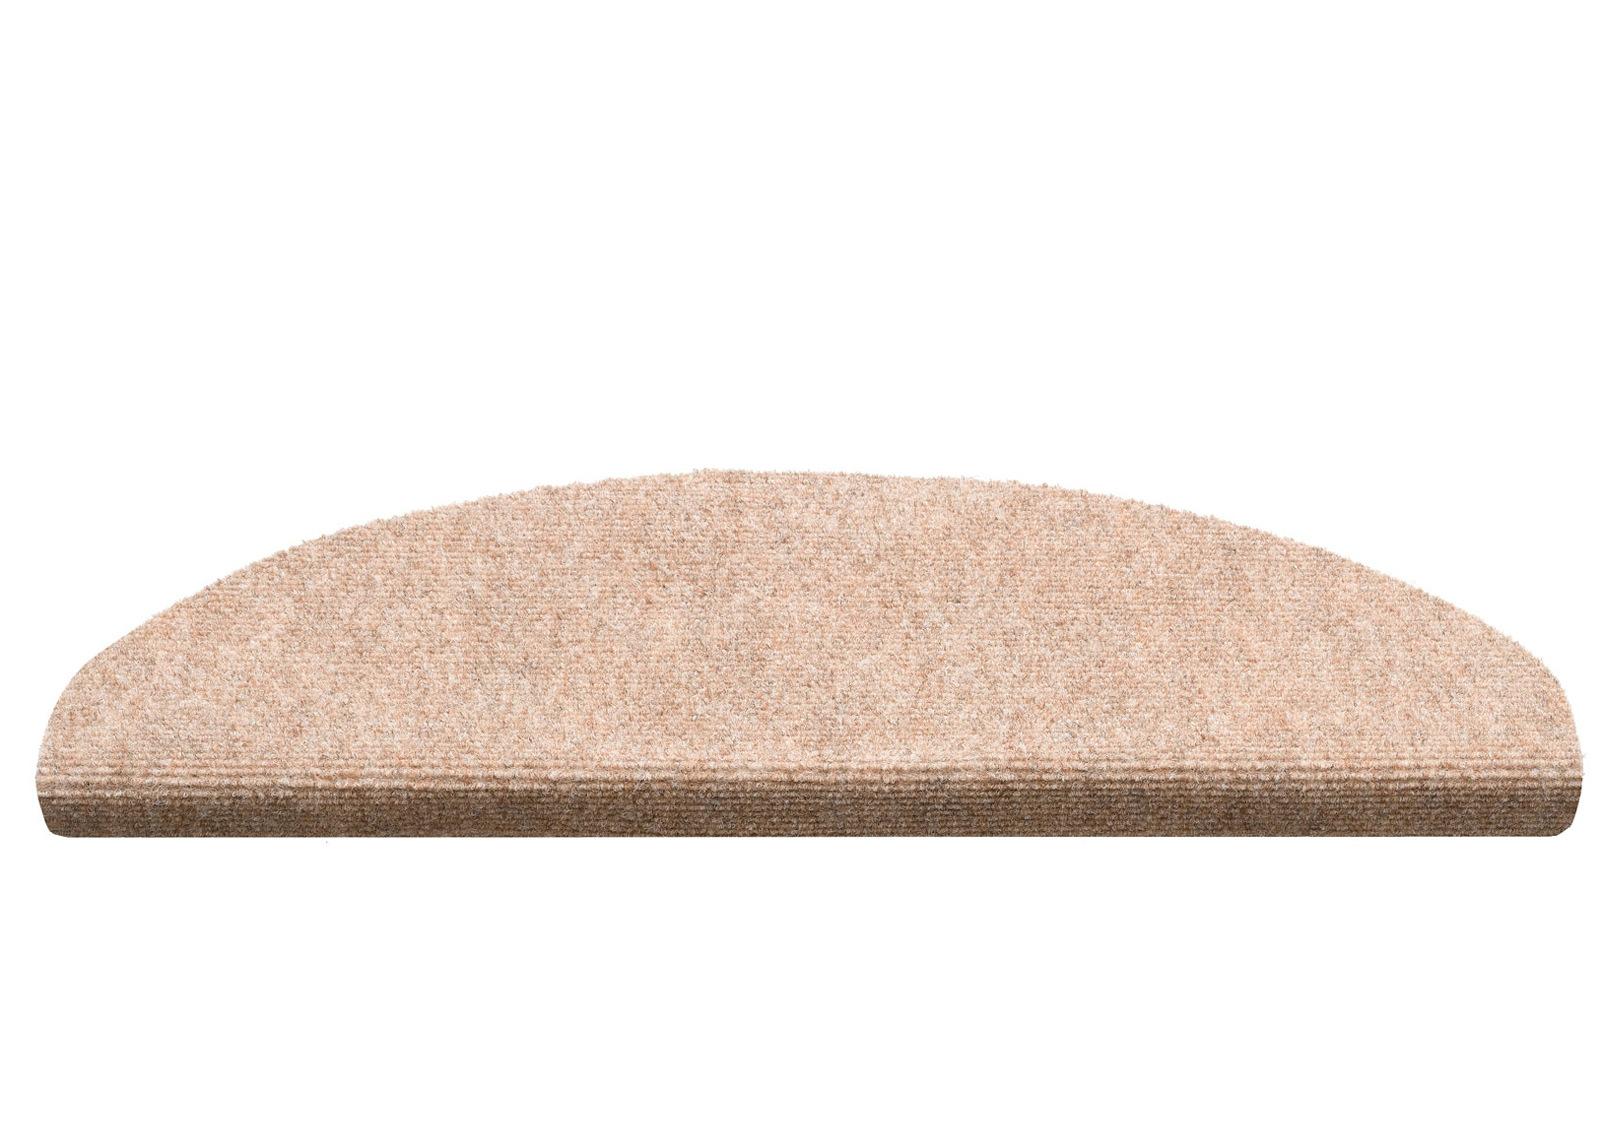 Porrasmatto RIVA 22x65 cm